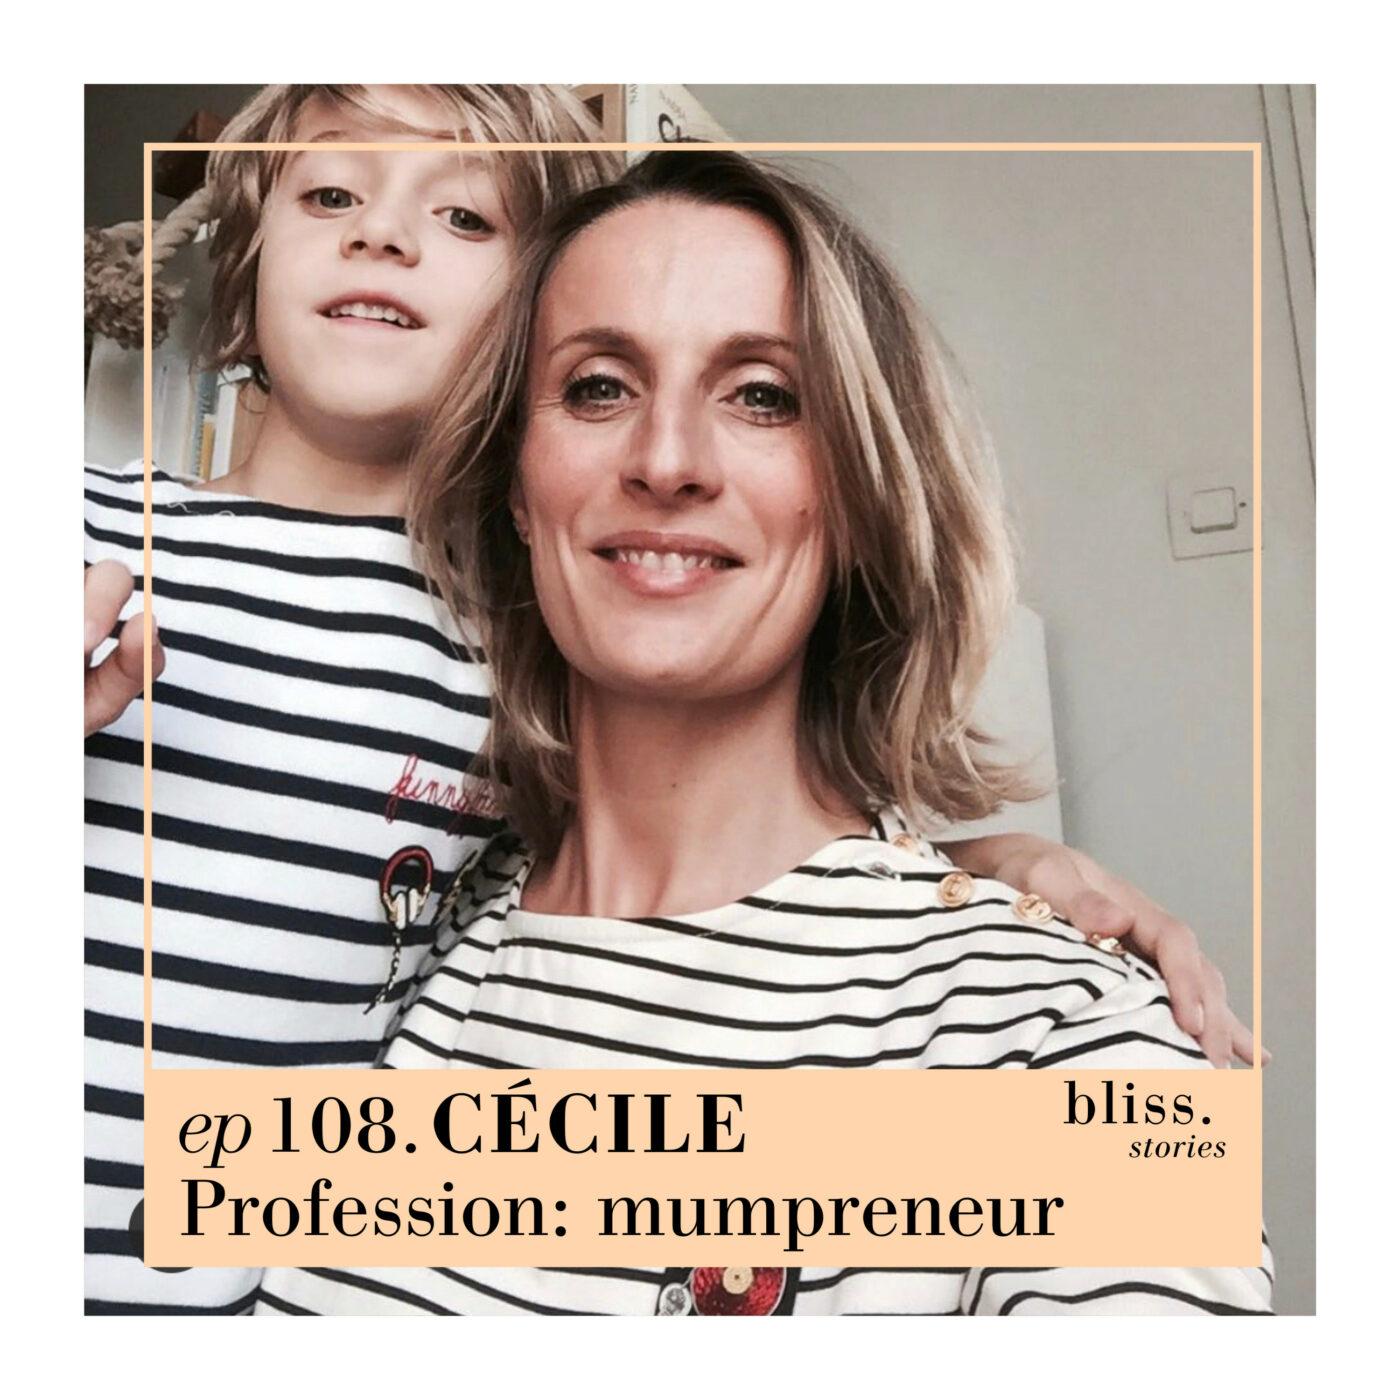 EP108- CÉCILE, PROFESSION: MUMPRENEUR